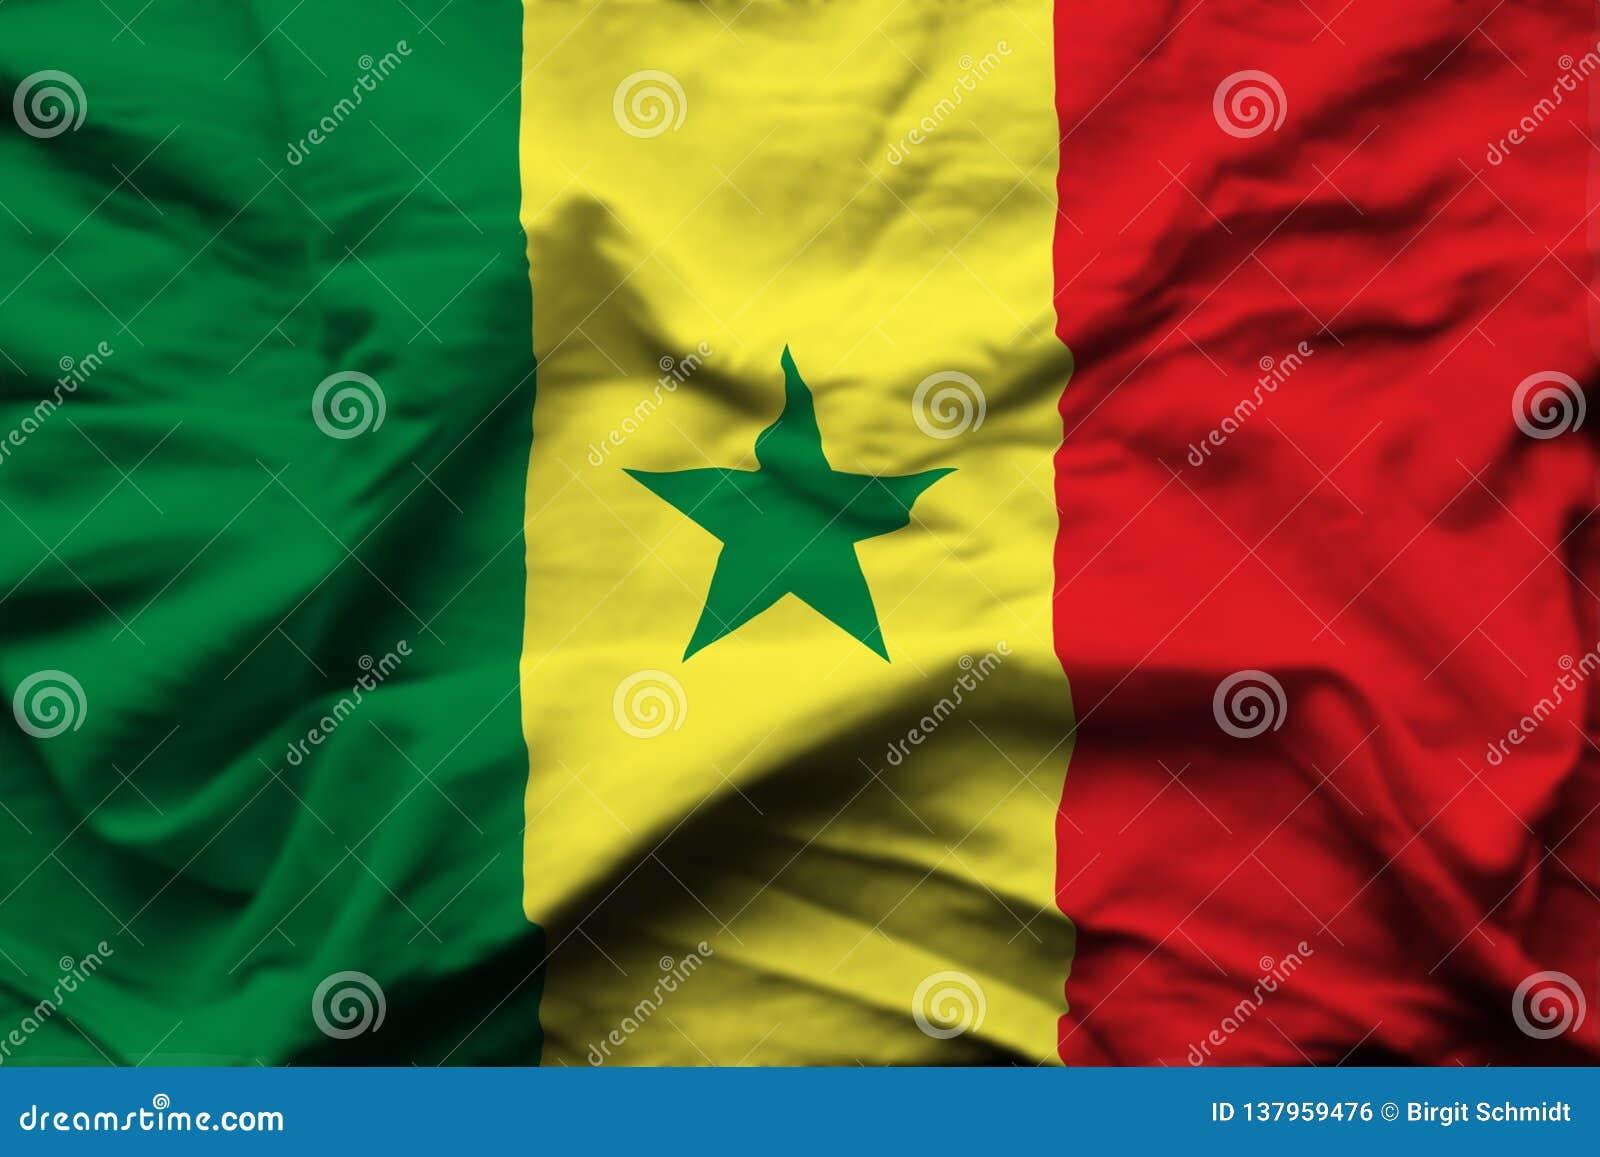 Иллюстрация флага Сенегала реалистическая